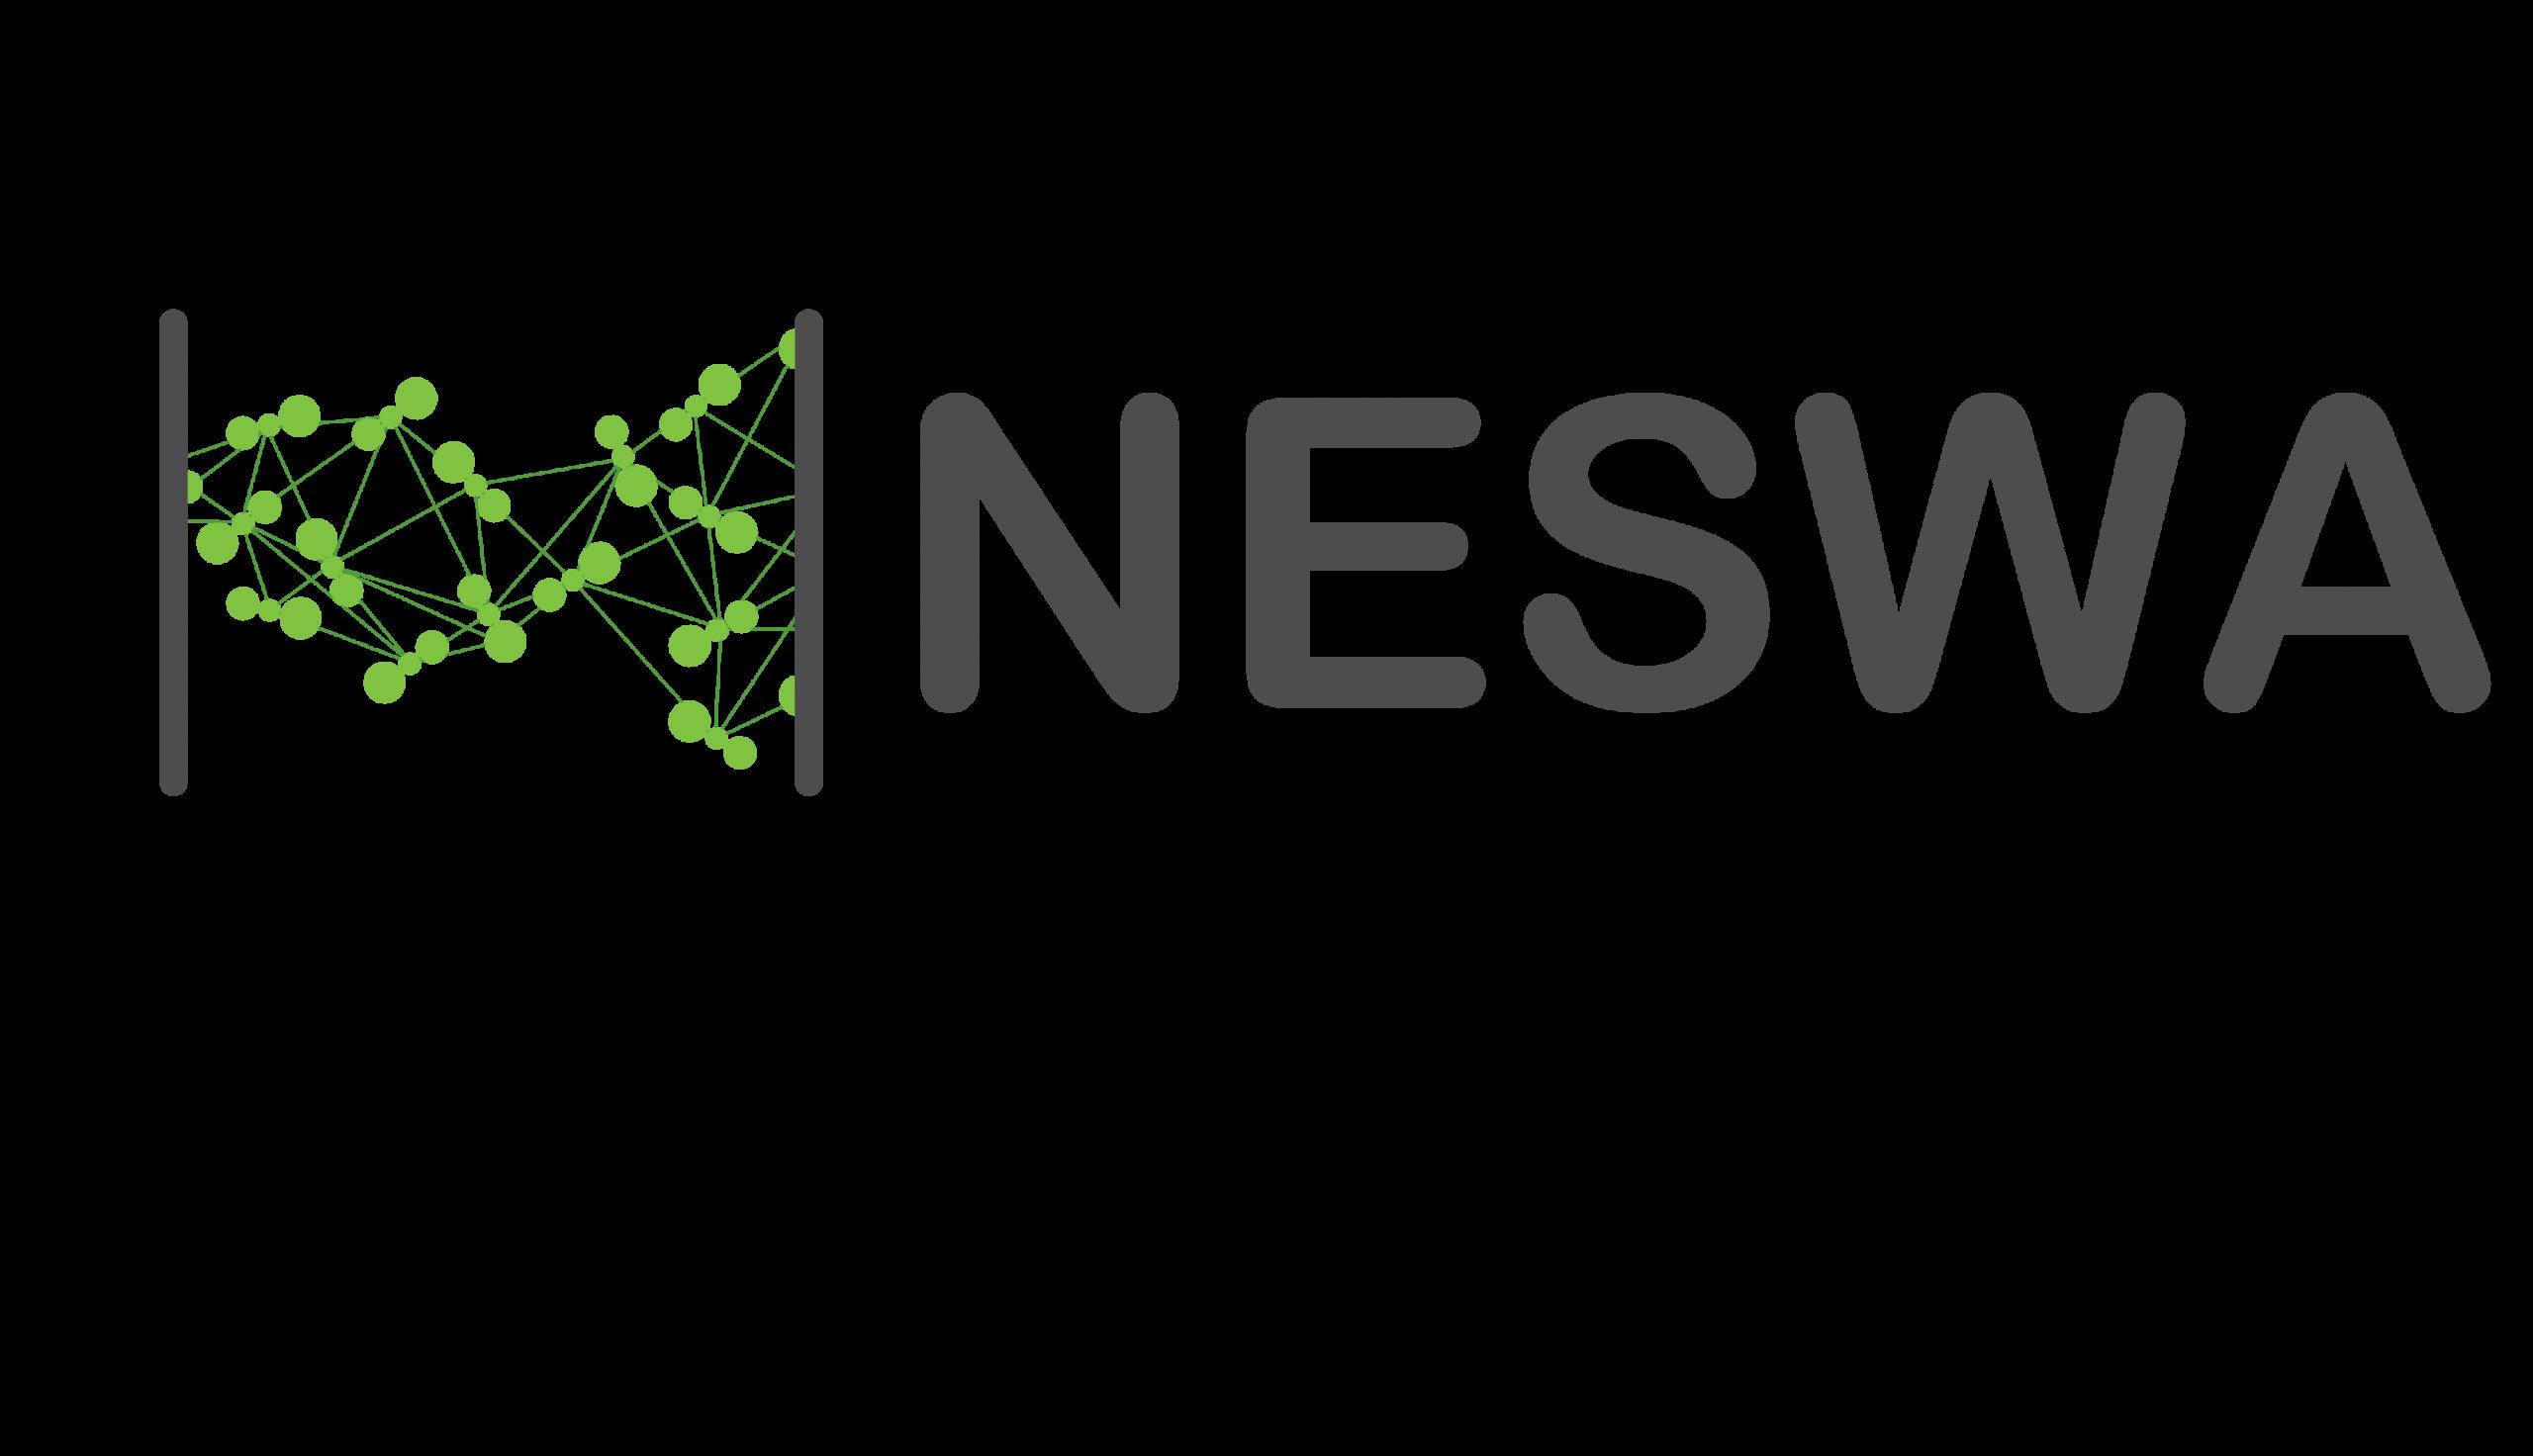 Neswa